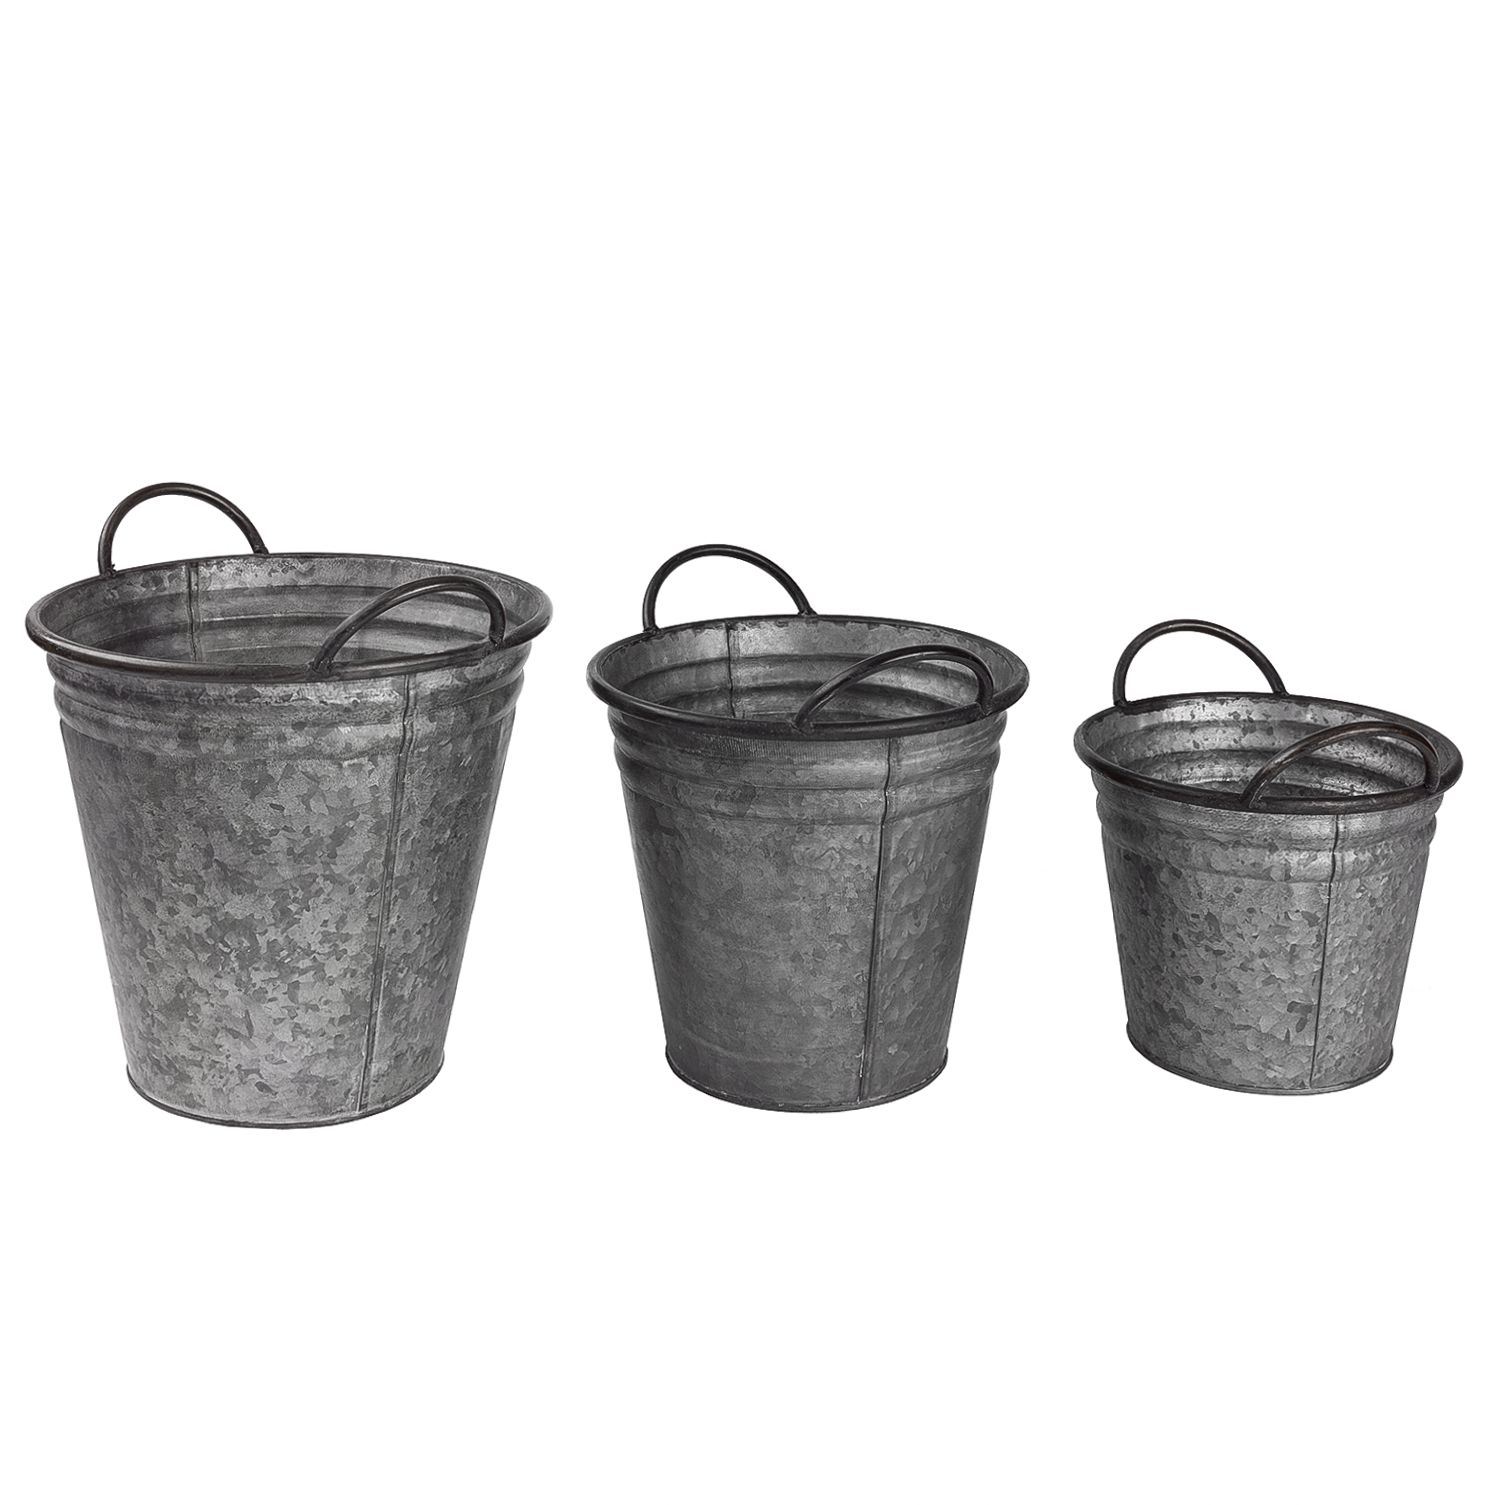 Home 24 - Seau décoratif ahorn (set de 3) - zinc - gris, wittkemper living